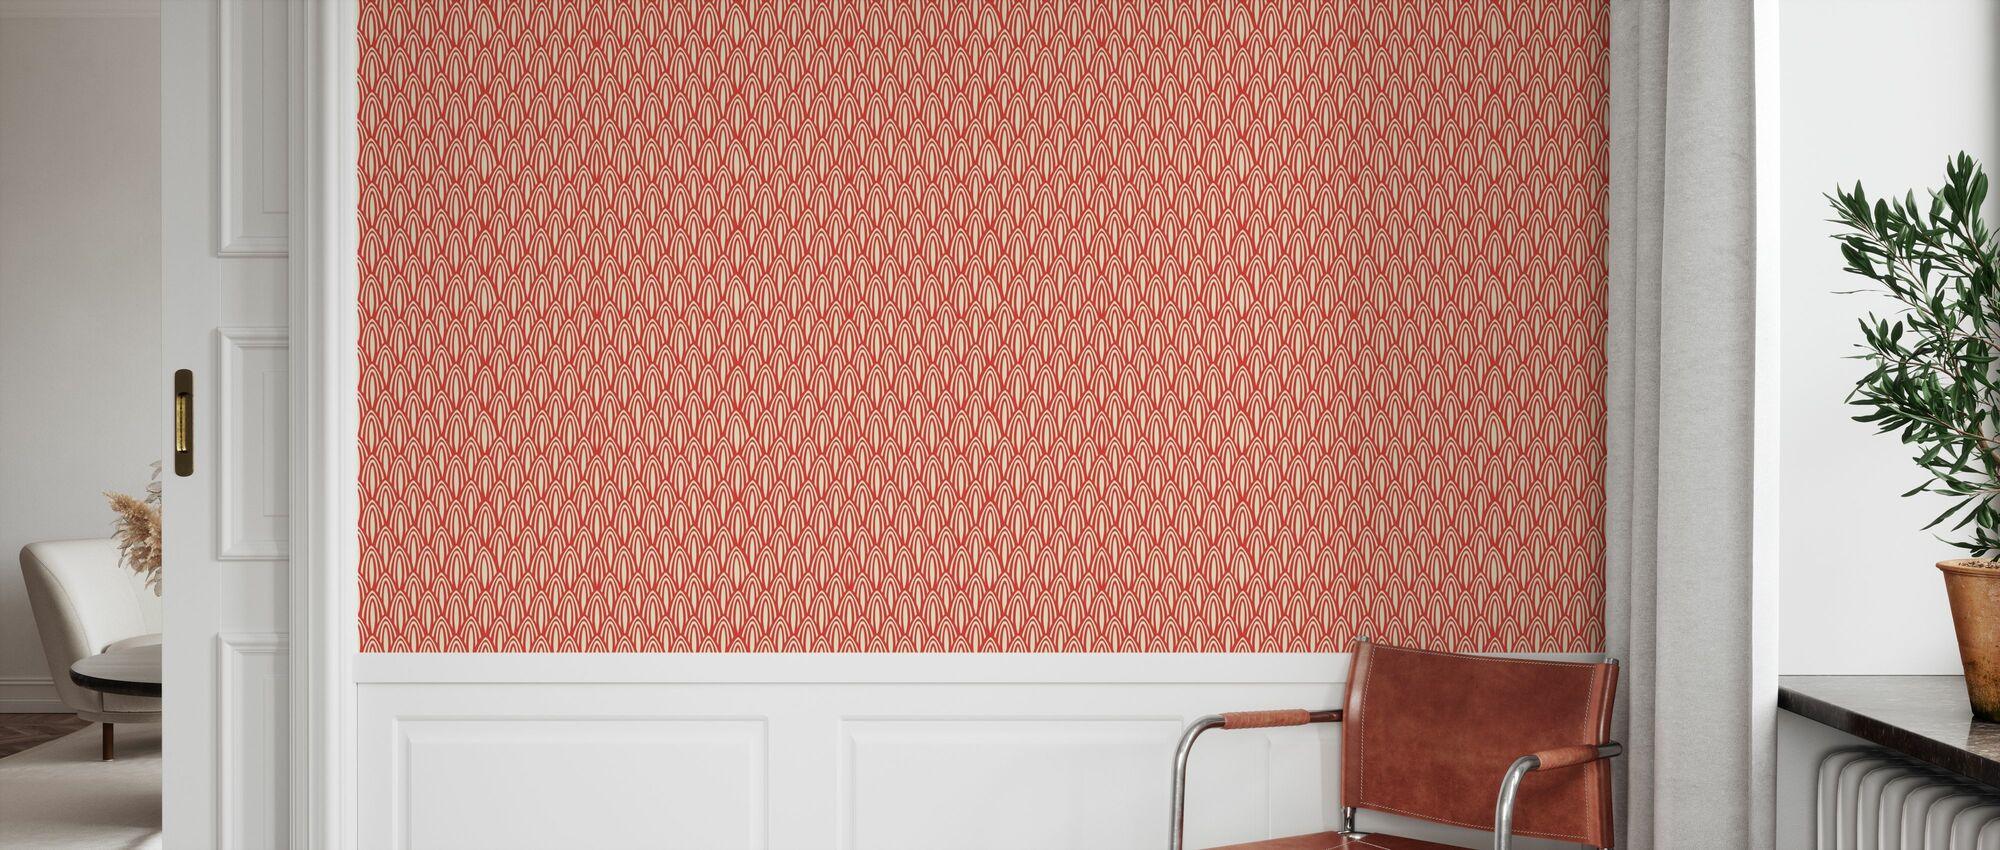 Cone - Wallpaper - Hallway